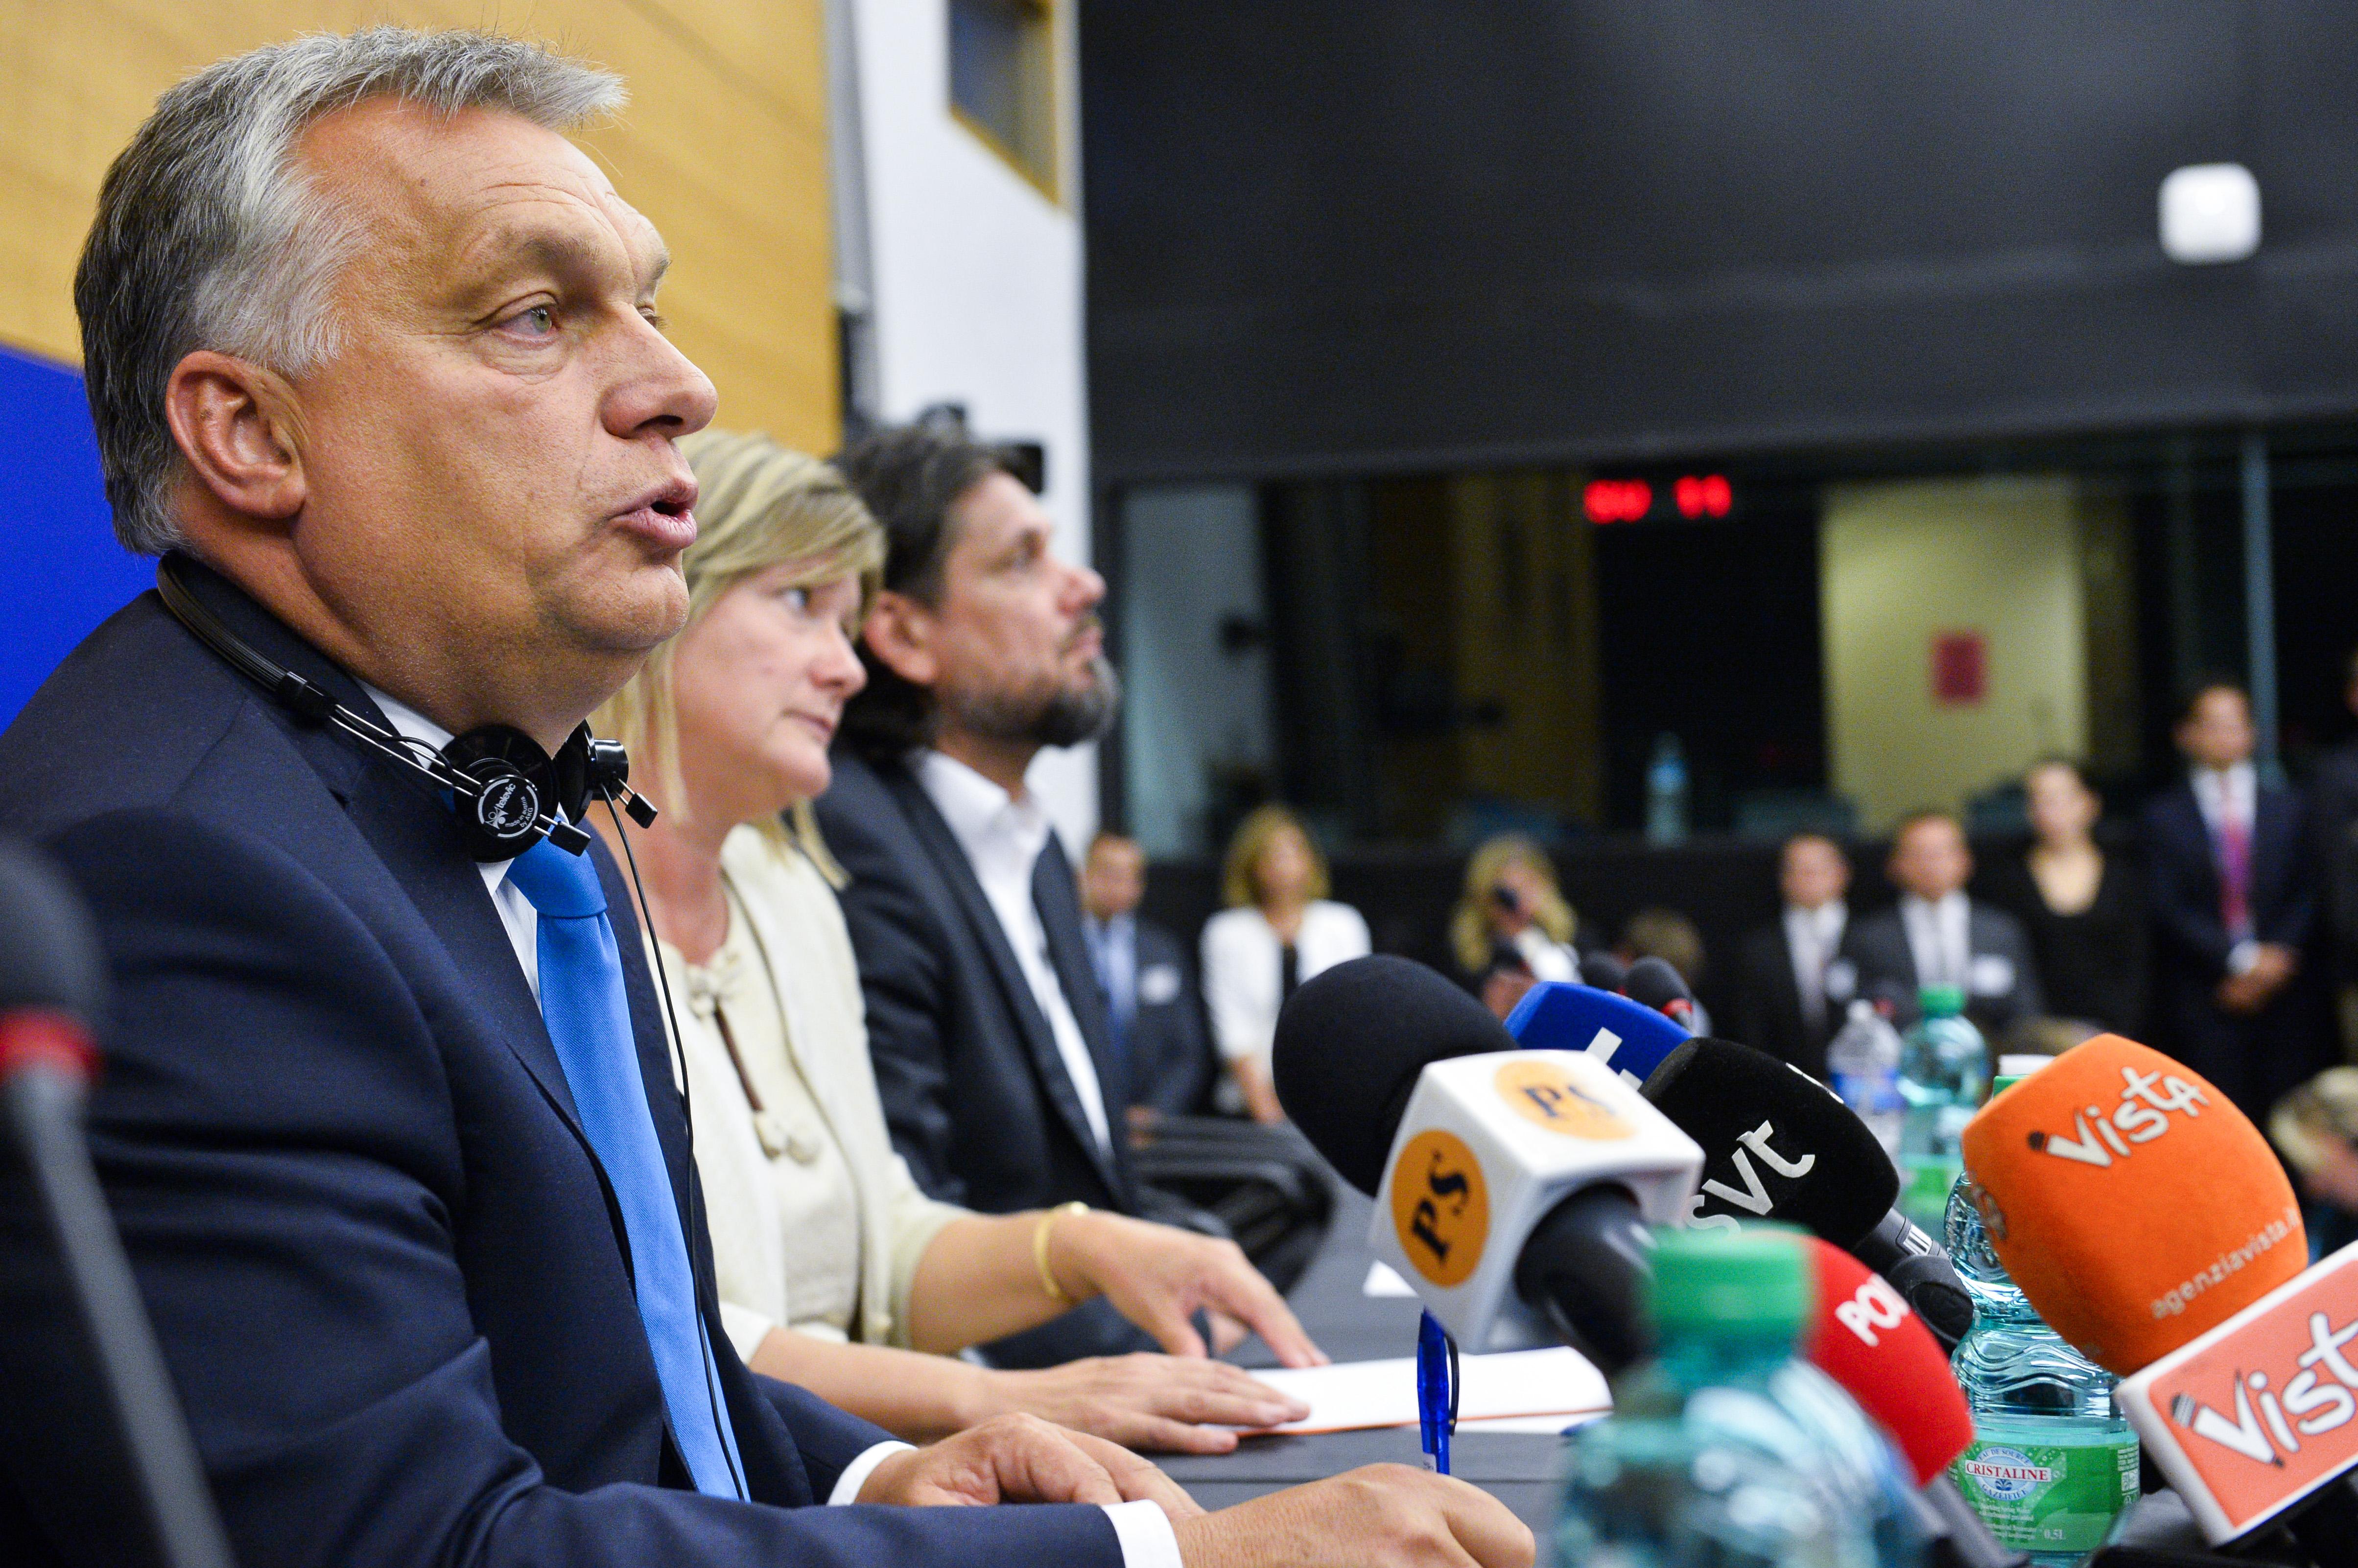 Orbán eddig határőröket követelt Brüsszeltől, de péntek reggel csatát hirdetett a határőrség bővítése ellen